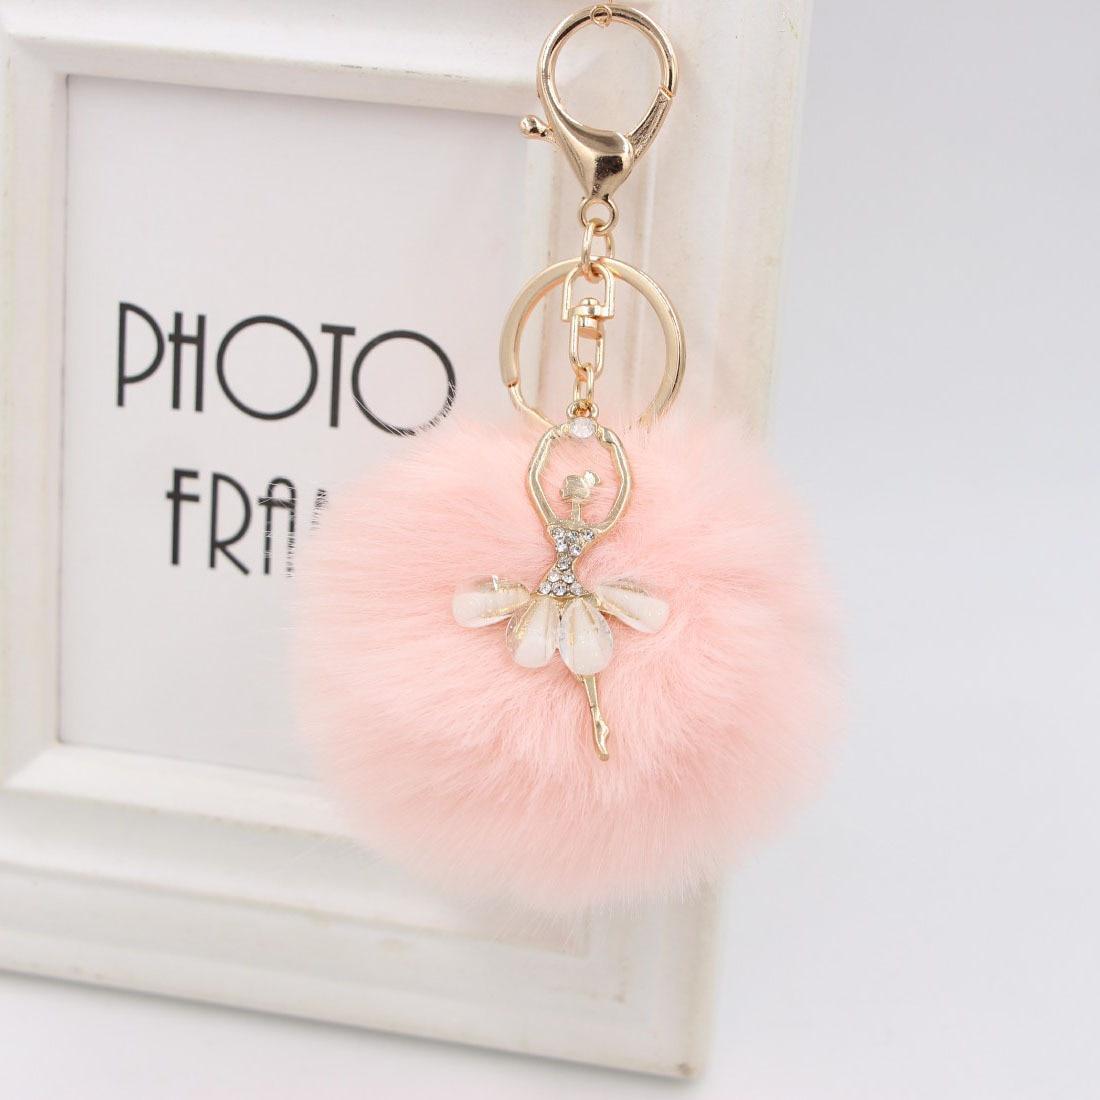 LLavero de niña de Ballet de cristal con pompón de Ángel de felpa esponjosa llaveros de colgantes bolso de coche joyería regalos de cumpleaños Día de San Valentín